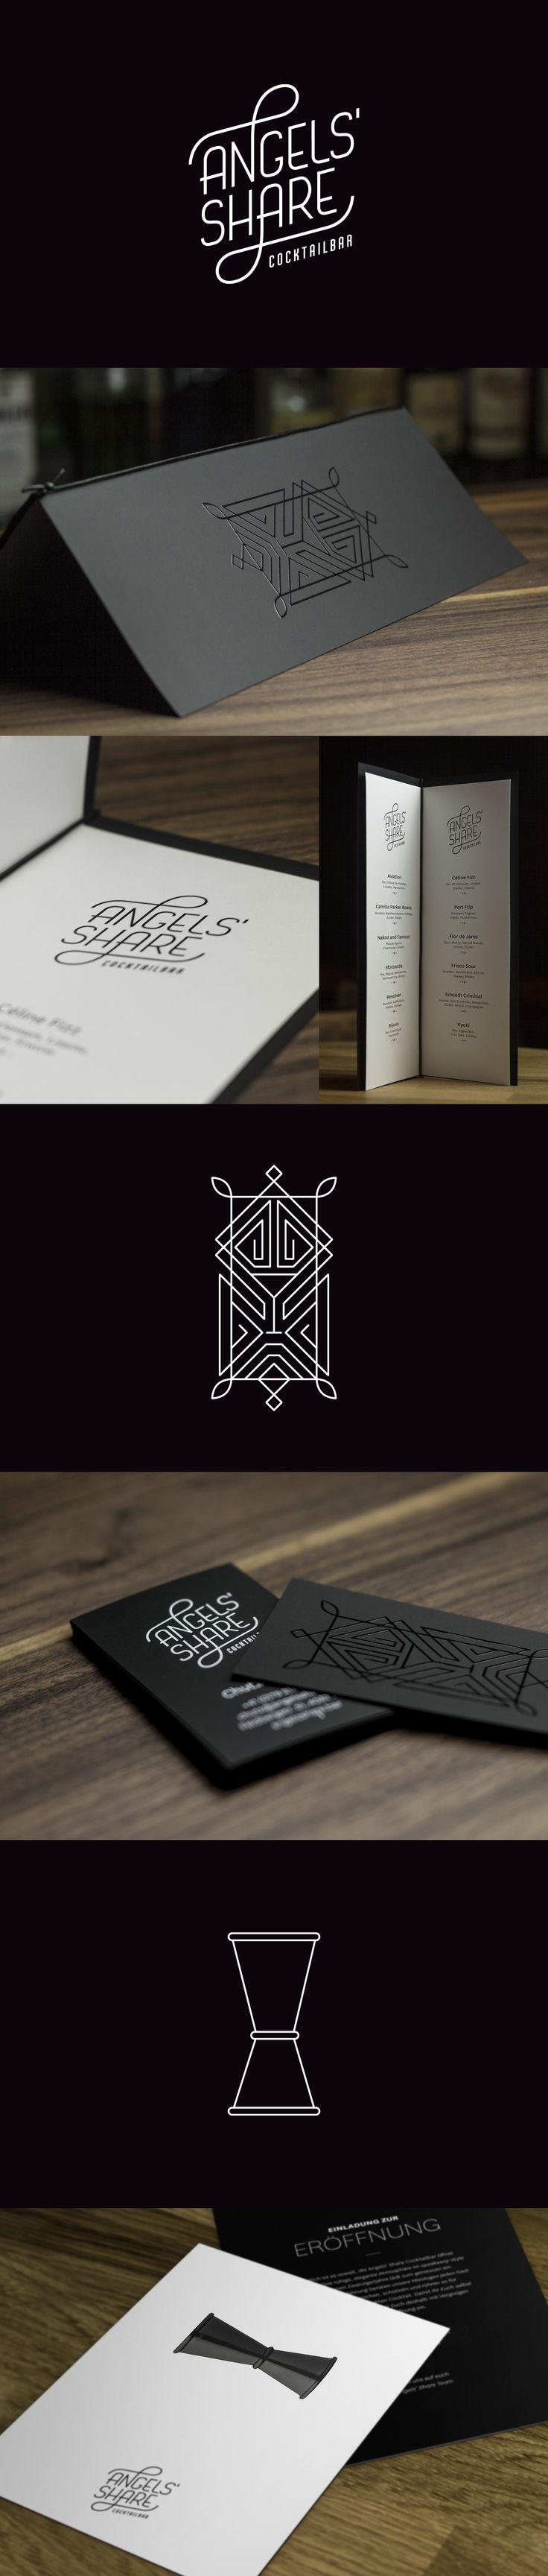 Logo, Lettering, Spot Gloss, White Digital Print, Black Paper, Opening, Menu, Drinks, Bar, Business Cards, Invite, Jigger, Angels' Share, Kleinbasel, Basel, Speakeasy, Simple, Elegant, www.angelsshare.bar (Business Card Logo)